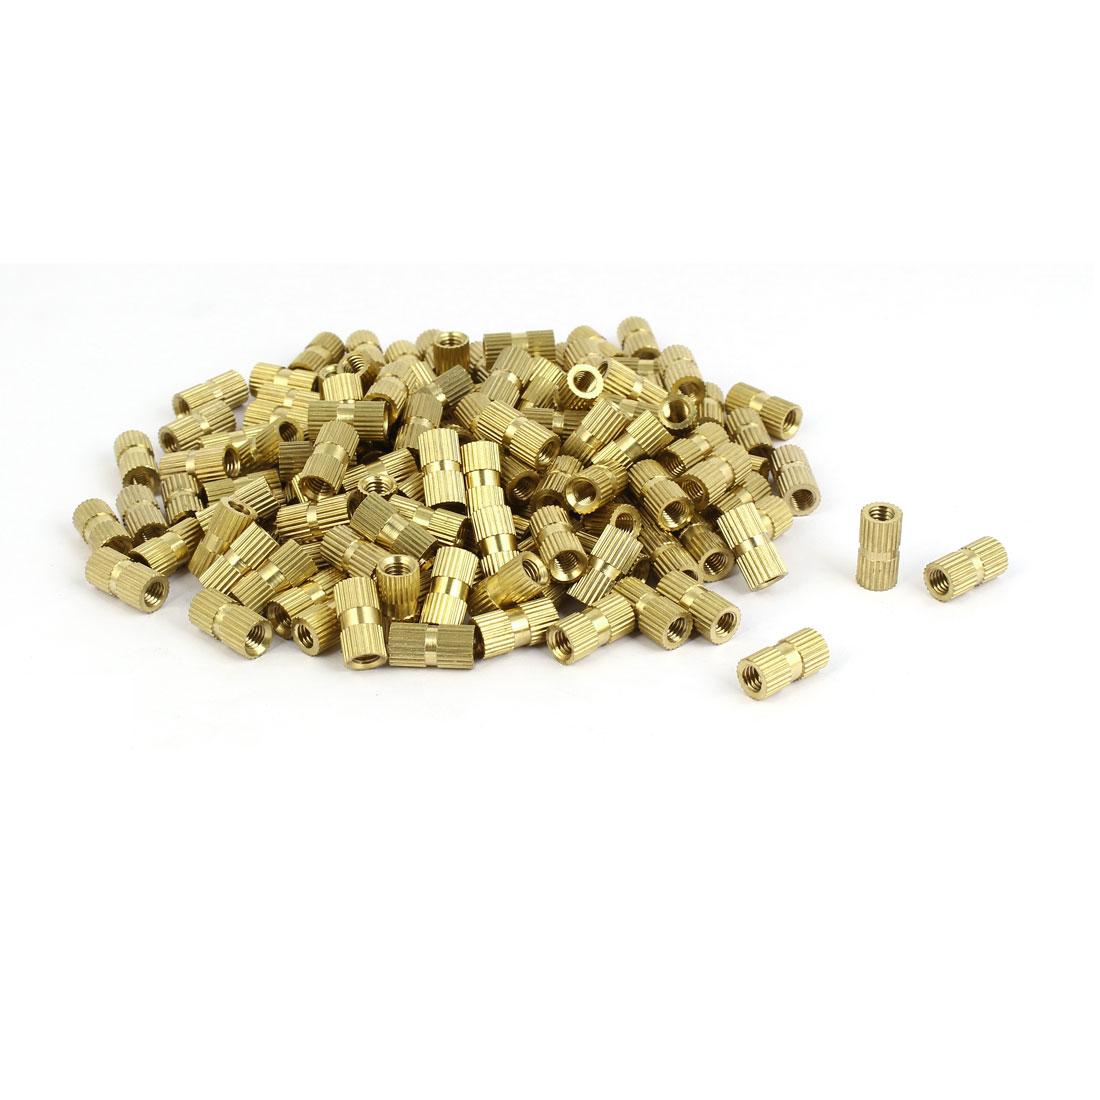 M5 x 14mm Female Thread Brass Knurled Threaded Insert Embedment Nuts 200PCS